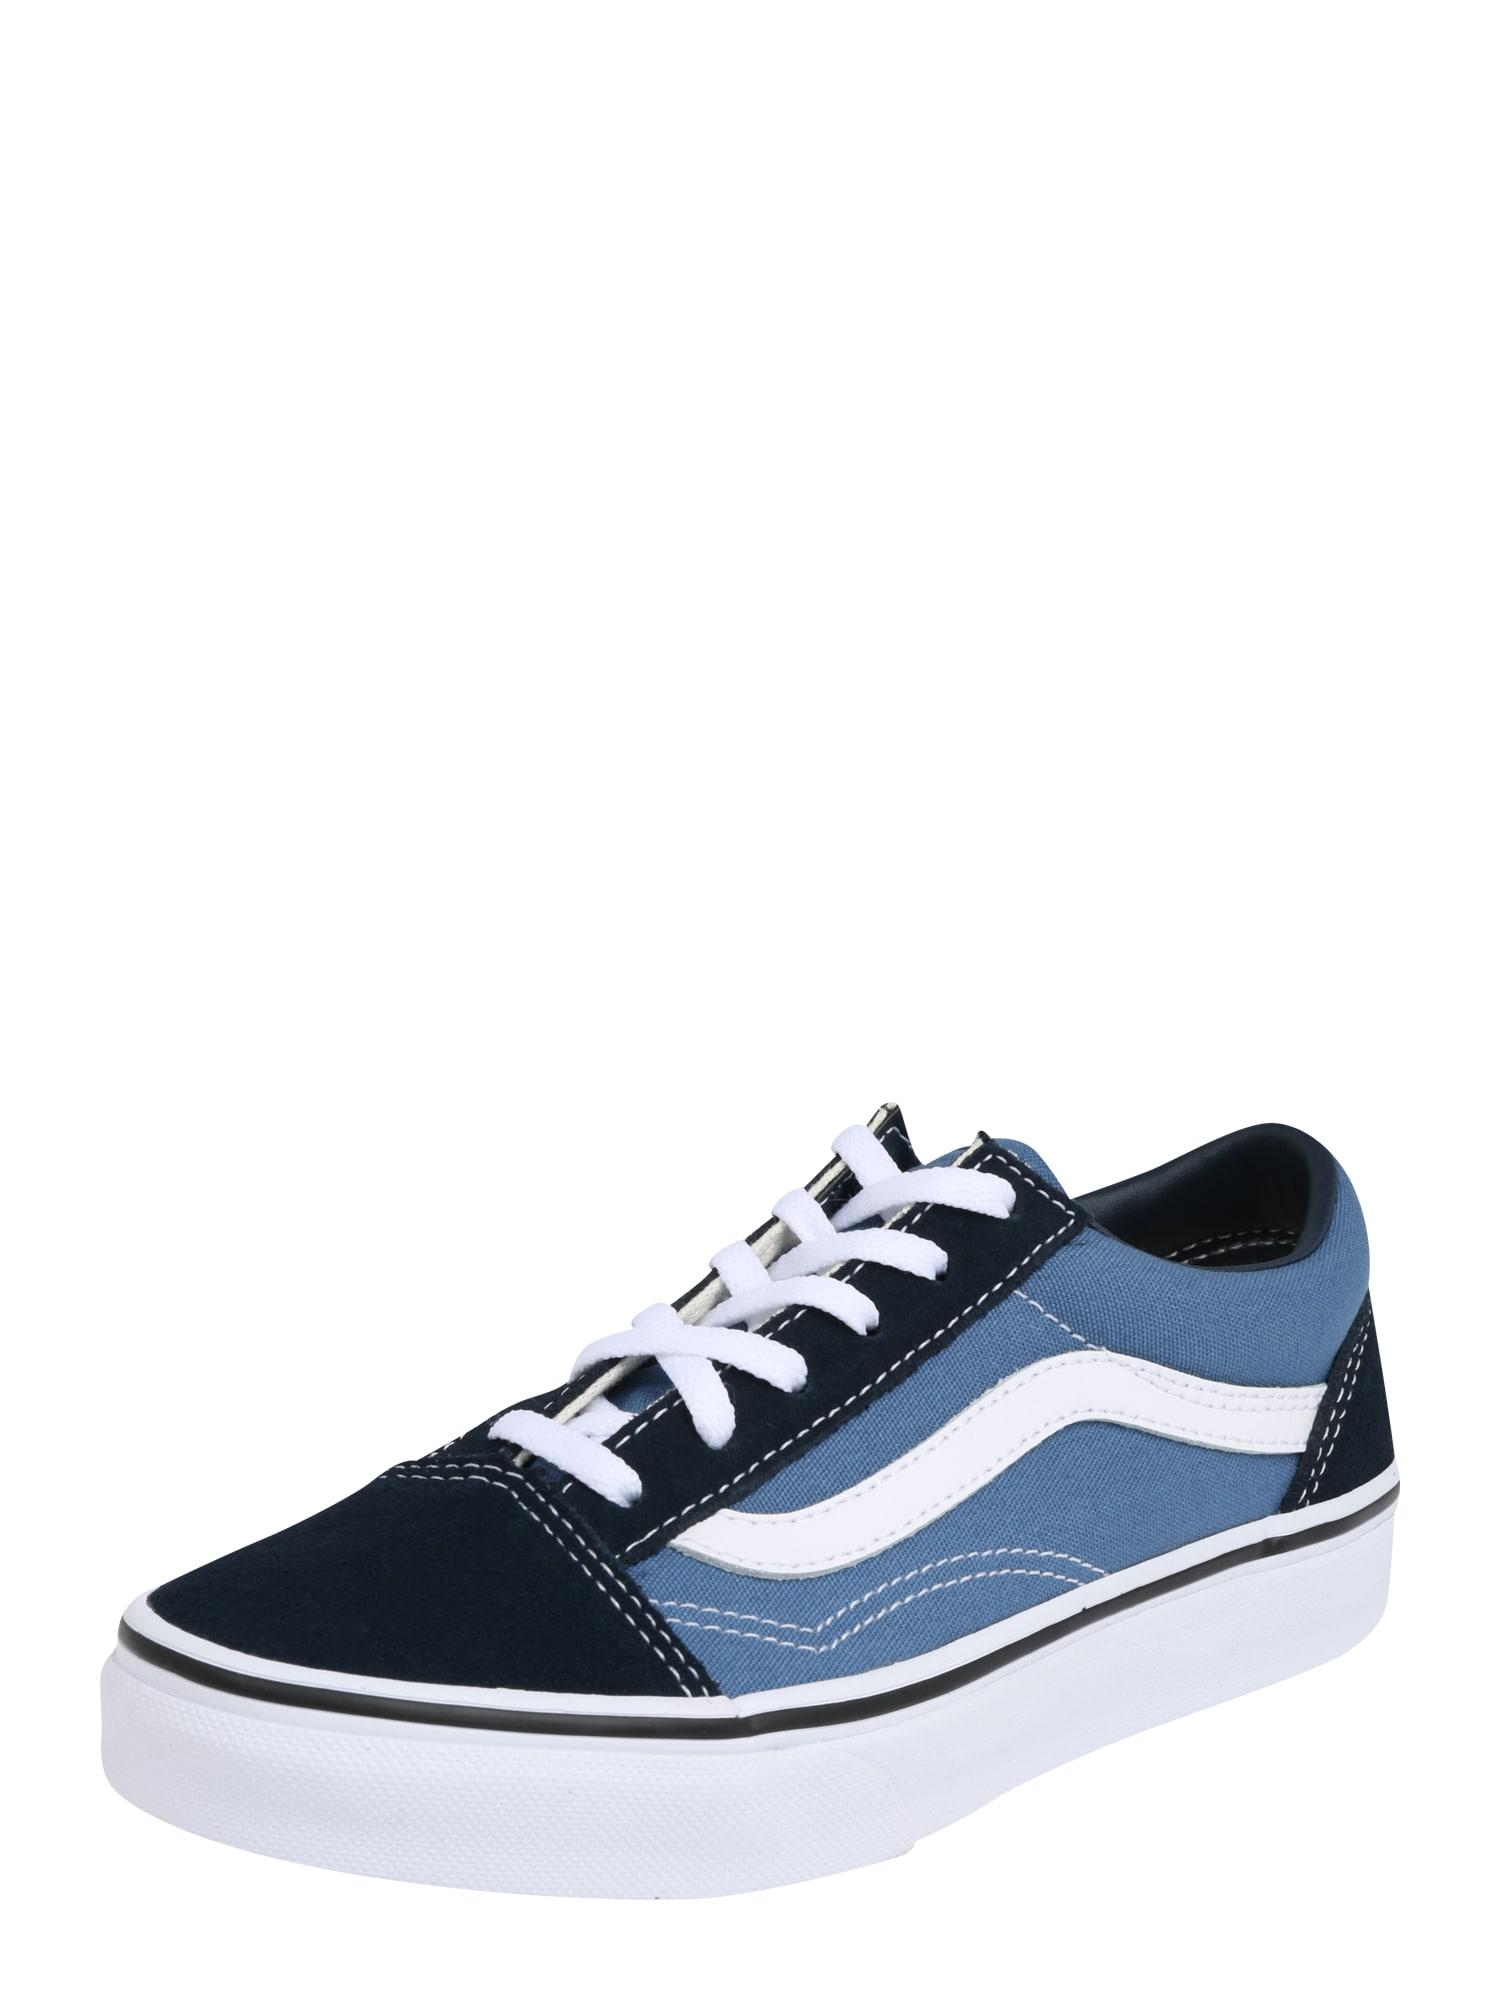 VANS, Jongens Sneakers 'Old Skool', navy / lichtblauw / wit